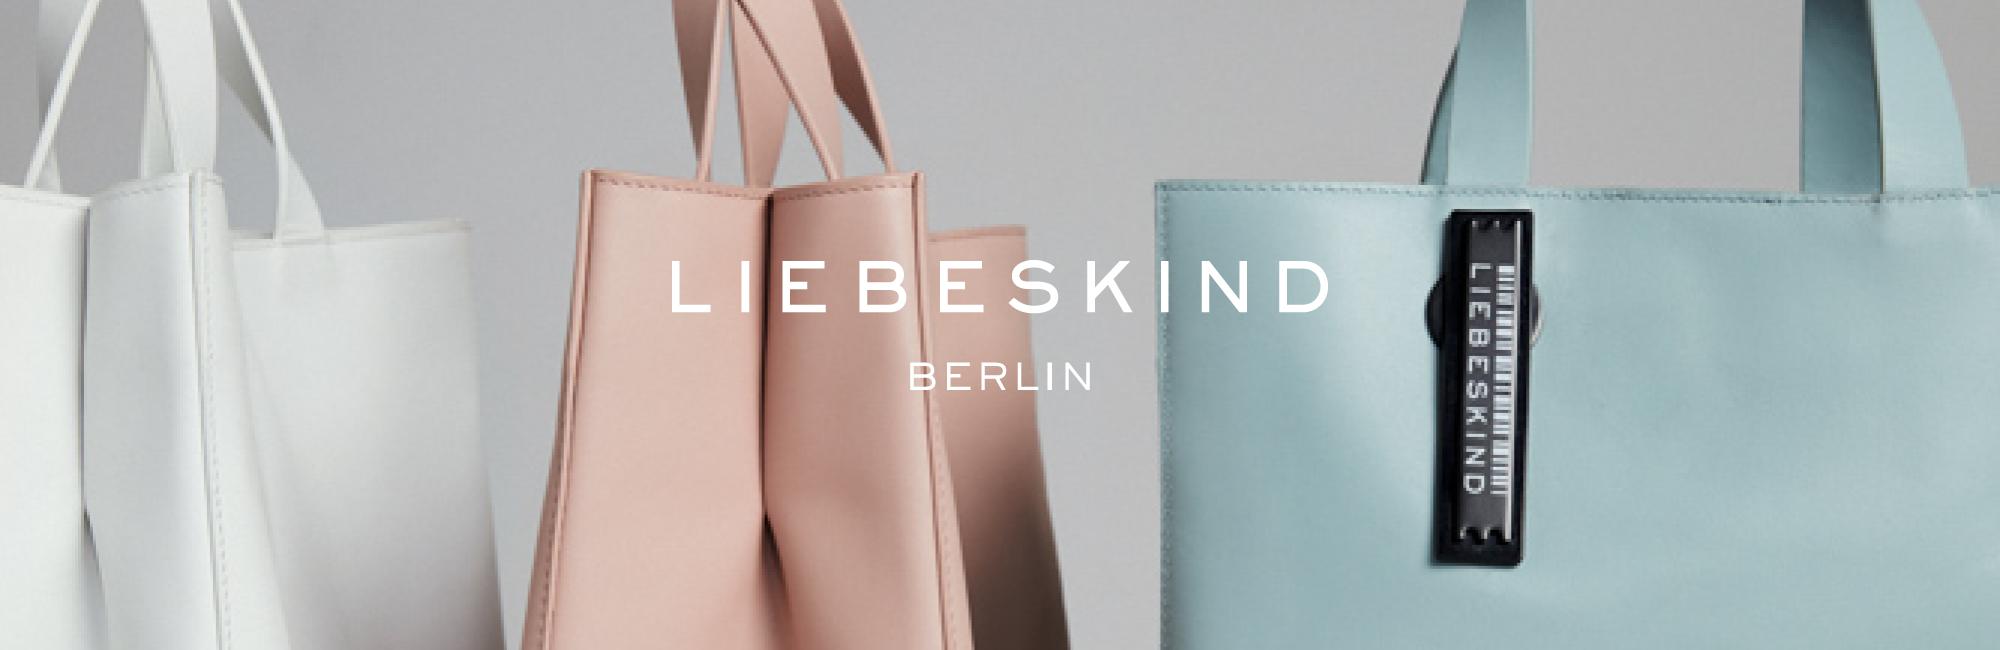 c0c5ba1119f73 Liebeskind Berlin Handtaschen und Geldbörsen